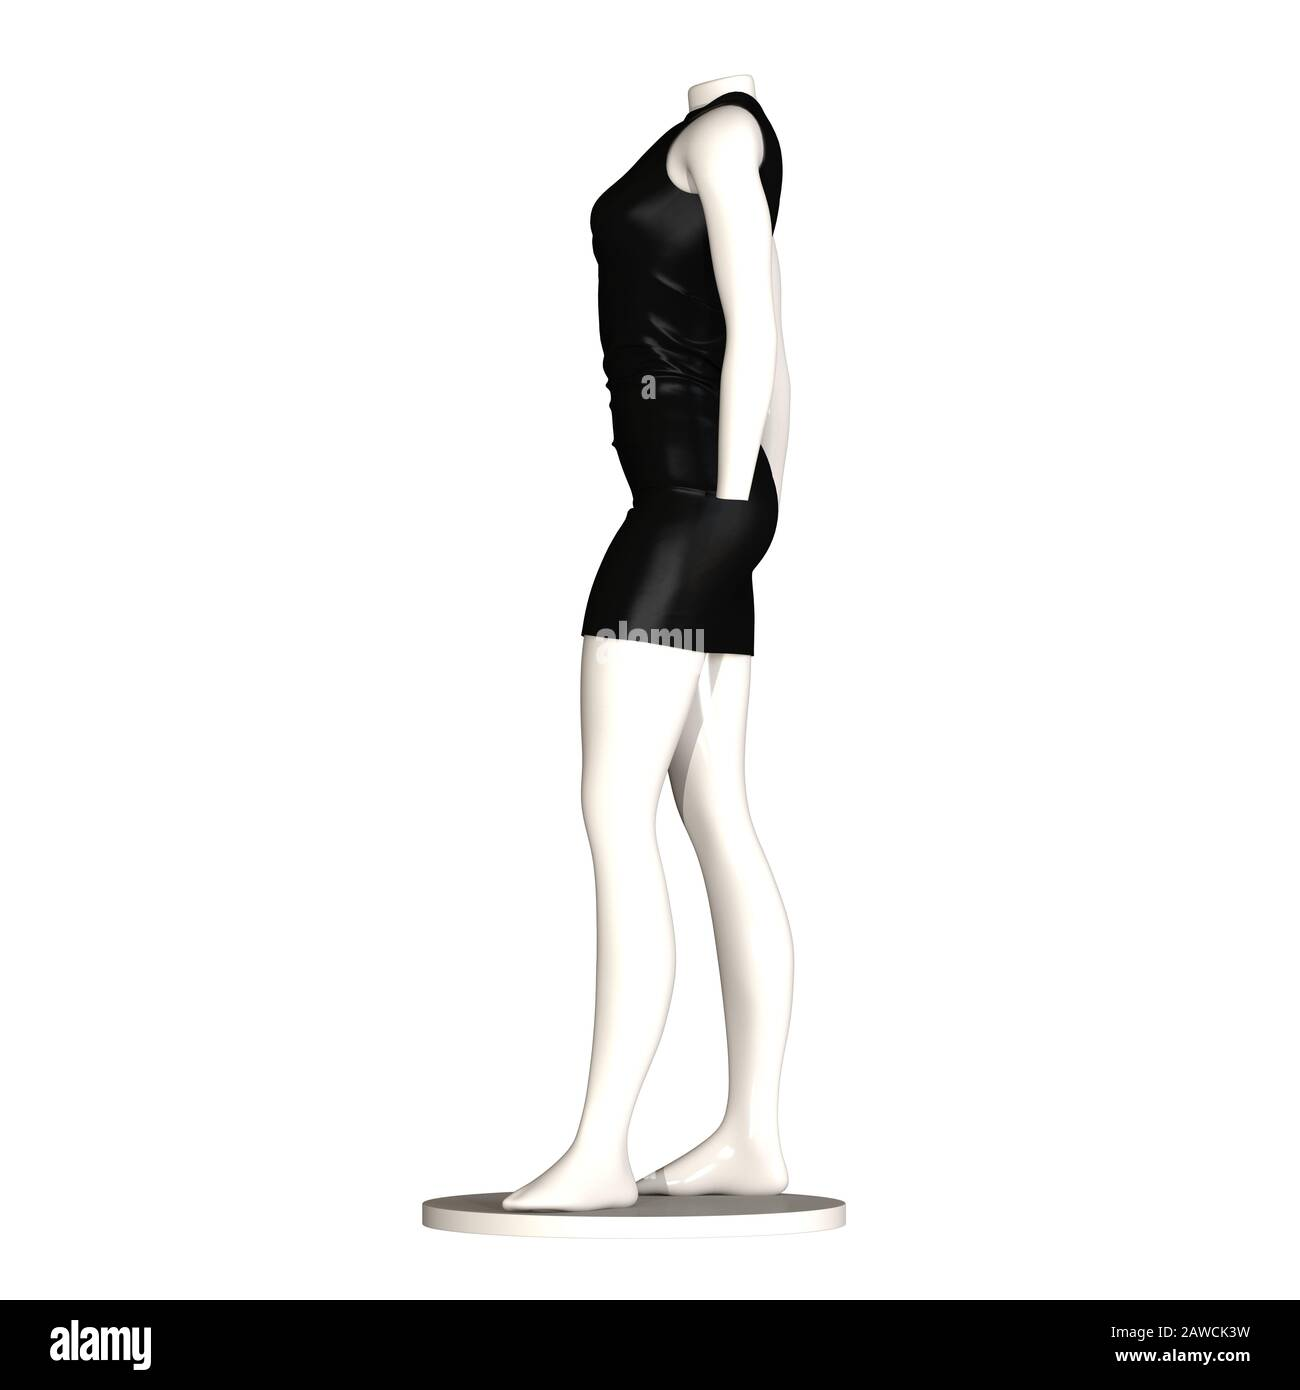 Weisse Maniken In Einem Schwarzen Kleid Vor Weissem Hintergrund Isolieren 3d Rendering Mit Hervorragender Qualitat In Hoher Auflosung Sie Kann Vergrossert Und Verwendet Werden Stockfotografie Alamy